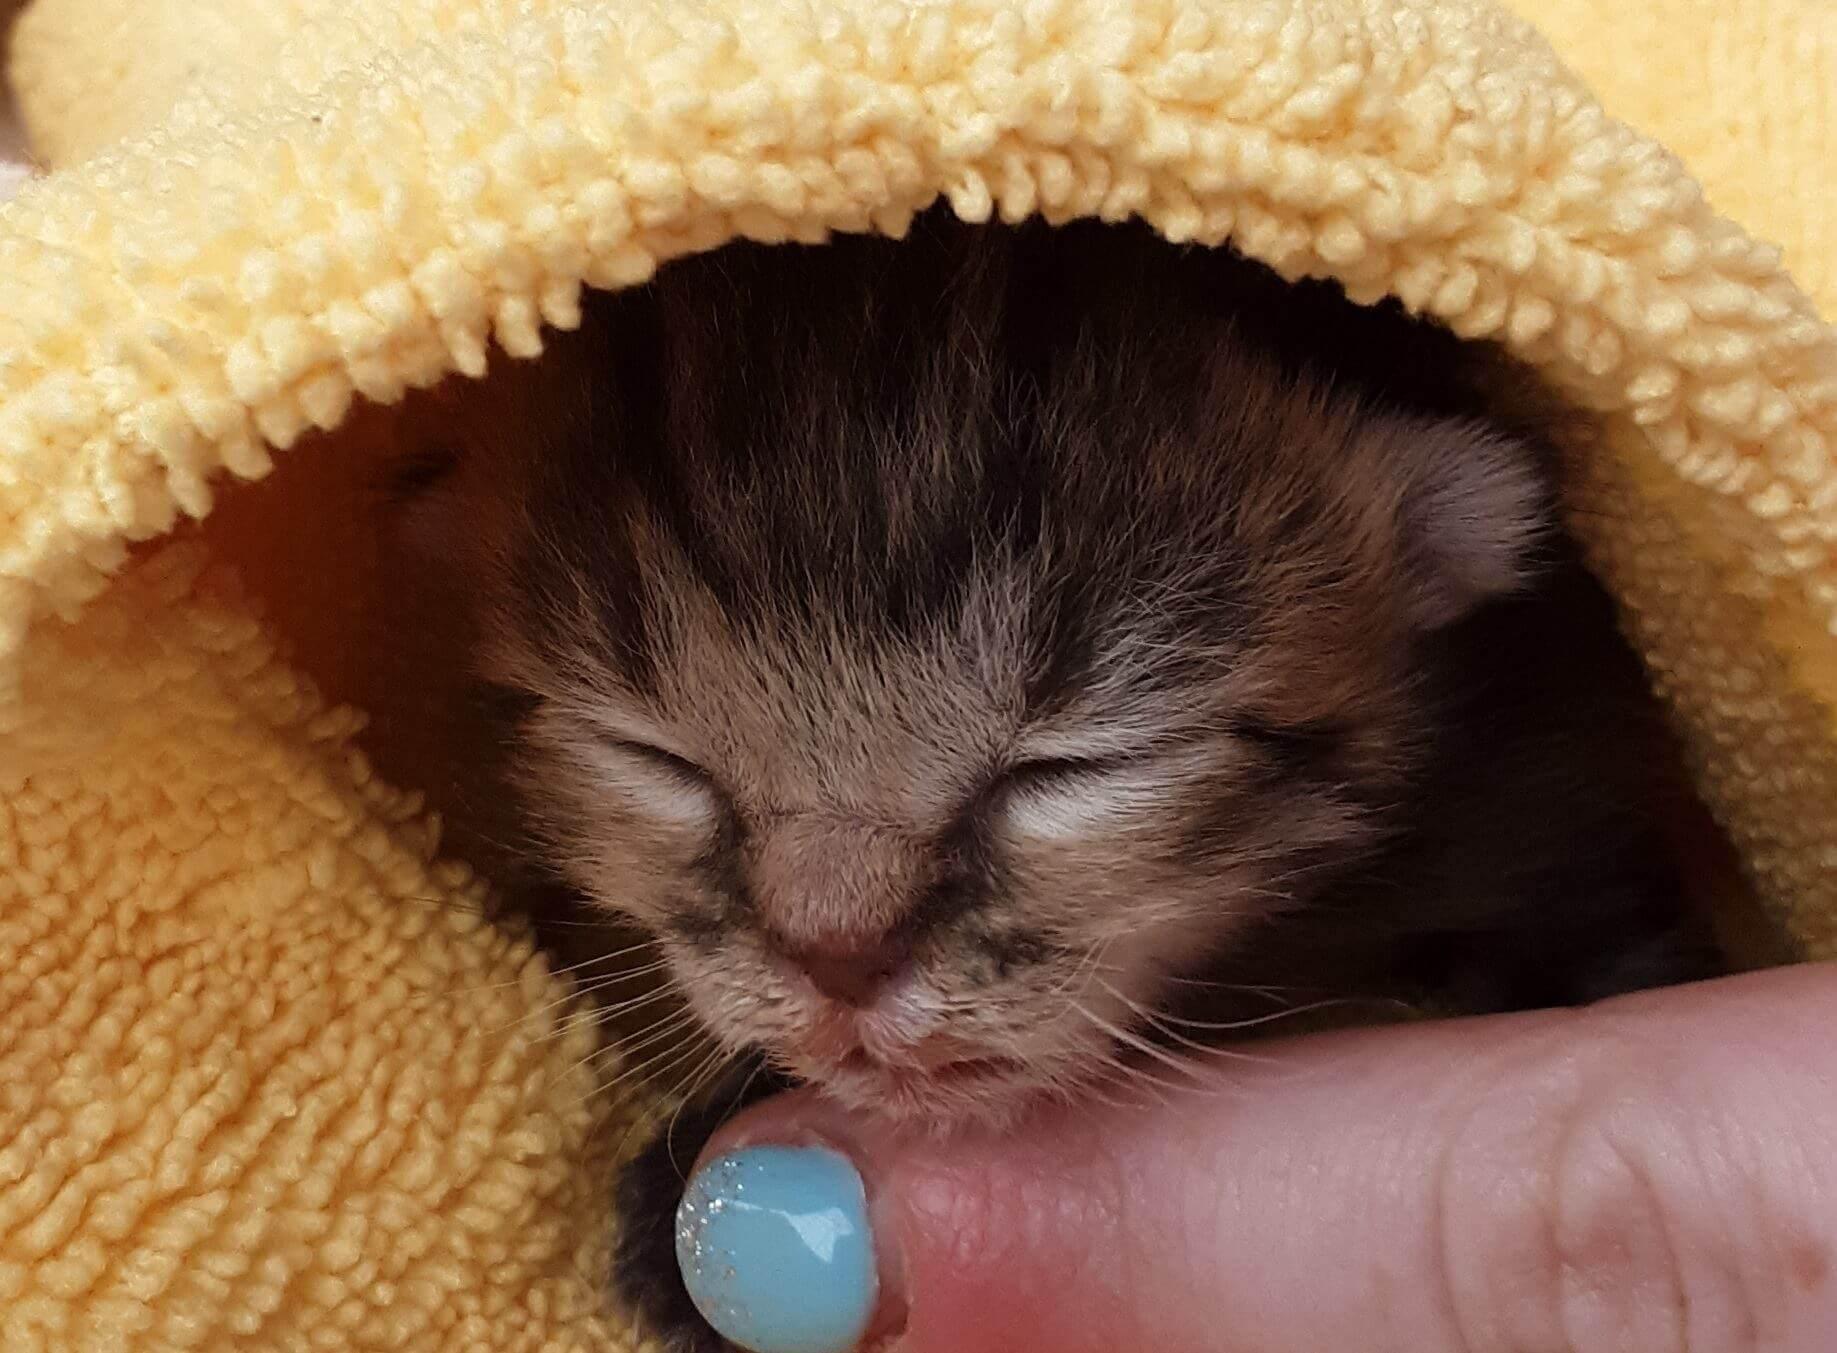 WAGS baby bottle foster kitten